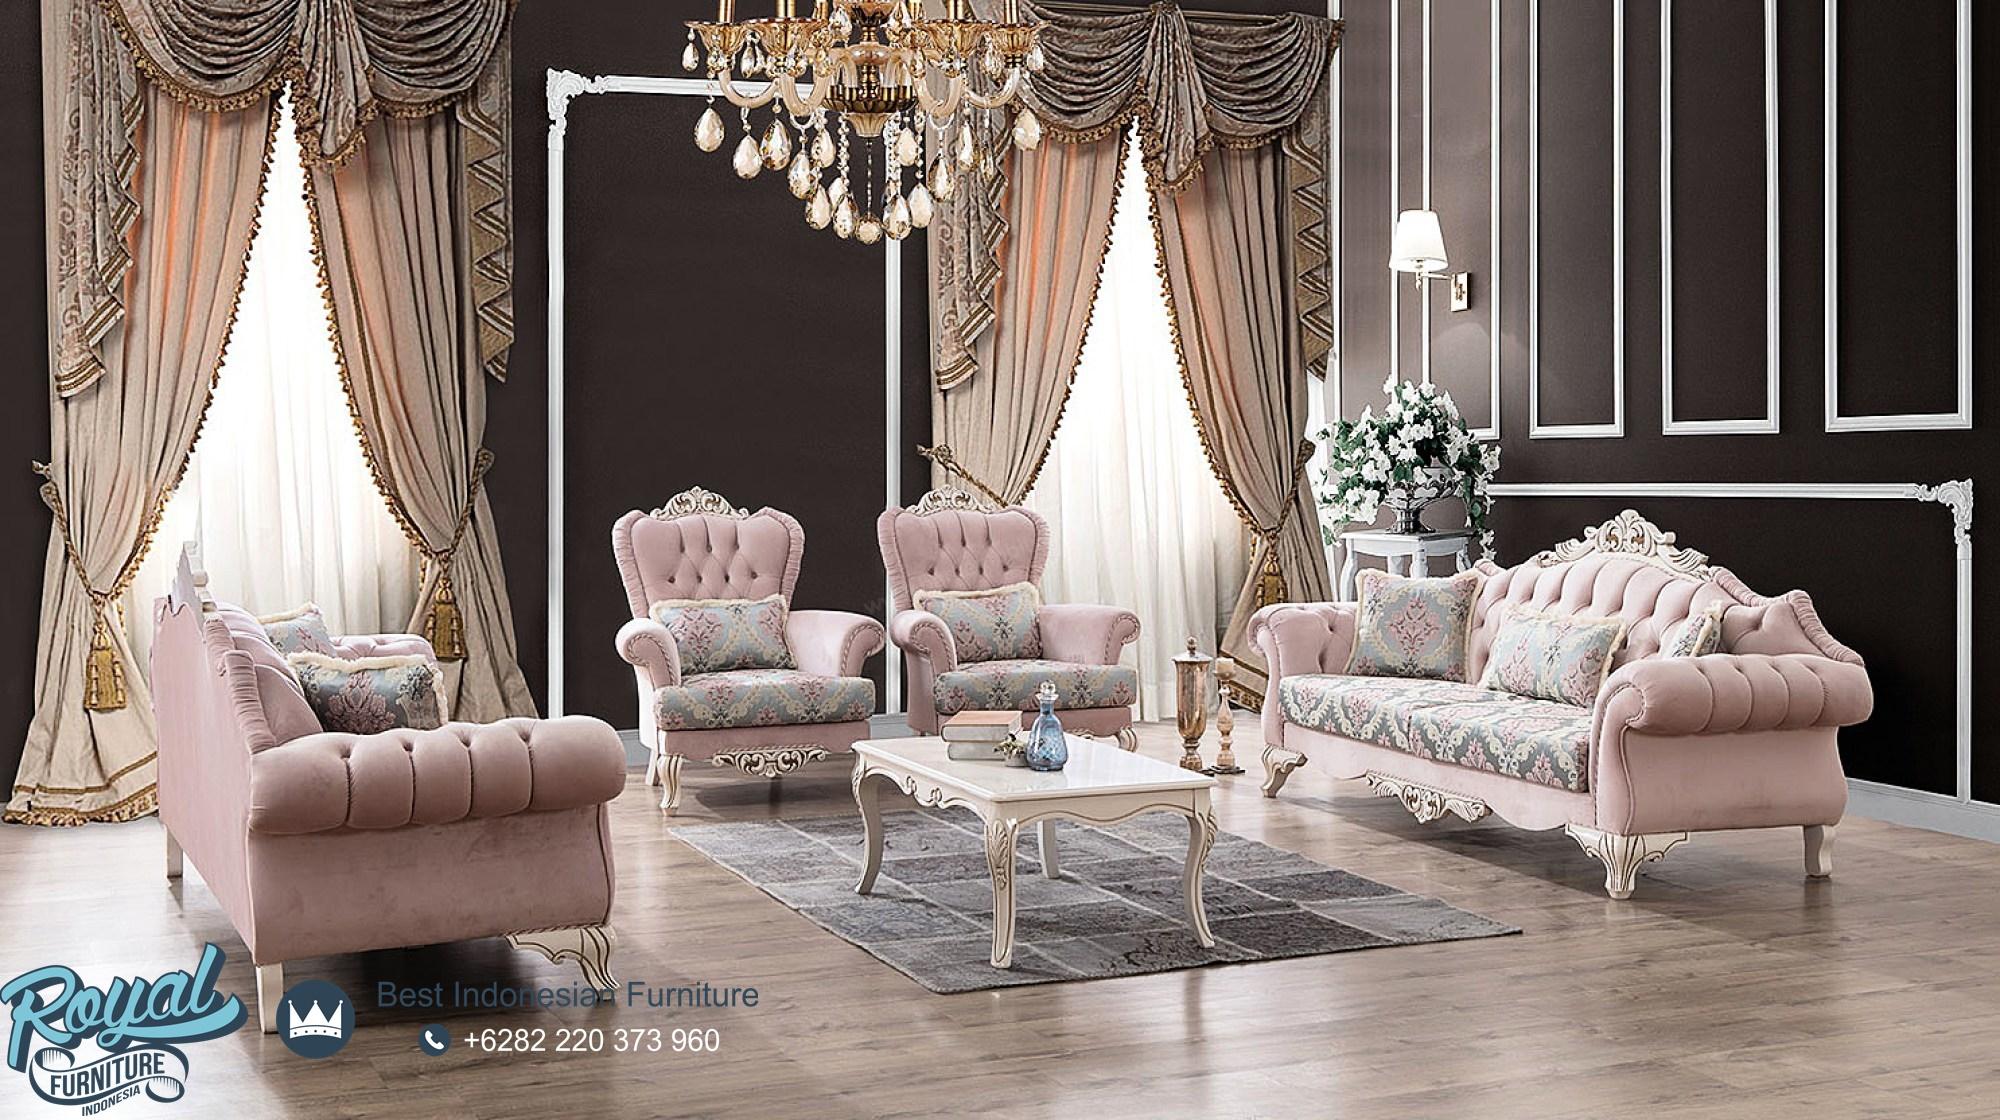 Model Sofa Ruang Tamu Modern Mewah Pink Cover Italian Style, sofa tamu jepara terbaru, sofa tamu mewah, sofa tamu mewah klasik, sofa ruang tamu mewah modern, sofa mewah modern, sofa mewah minimalis, kursi tamu mewah kualitas terbaik, sofa tamu mewah terbaru, sofa mewah minimalis terbaru, harga kursi tamu mewah, kursi tamu sofa, harga sofa jepara terbaru, toko furniture jepara, kursi sofa tamu kayu jati ukiran jepara, jual kursi sofa tamu ukir jepara, sofa tamu kayu jati jepara murah, mebel jepara, royal furniture